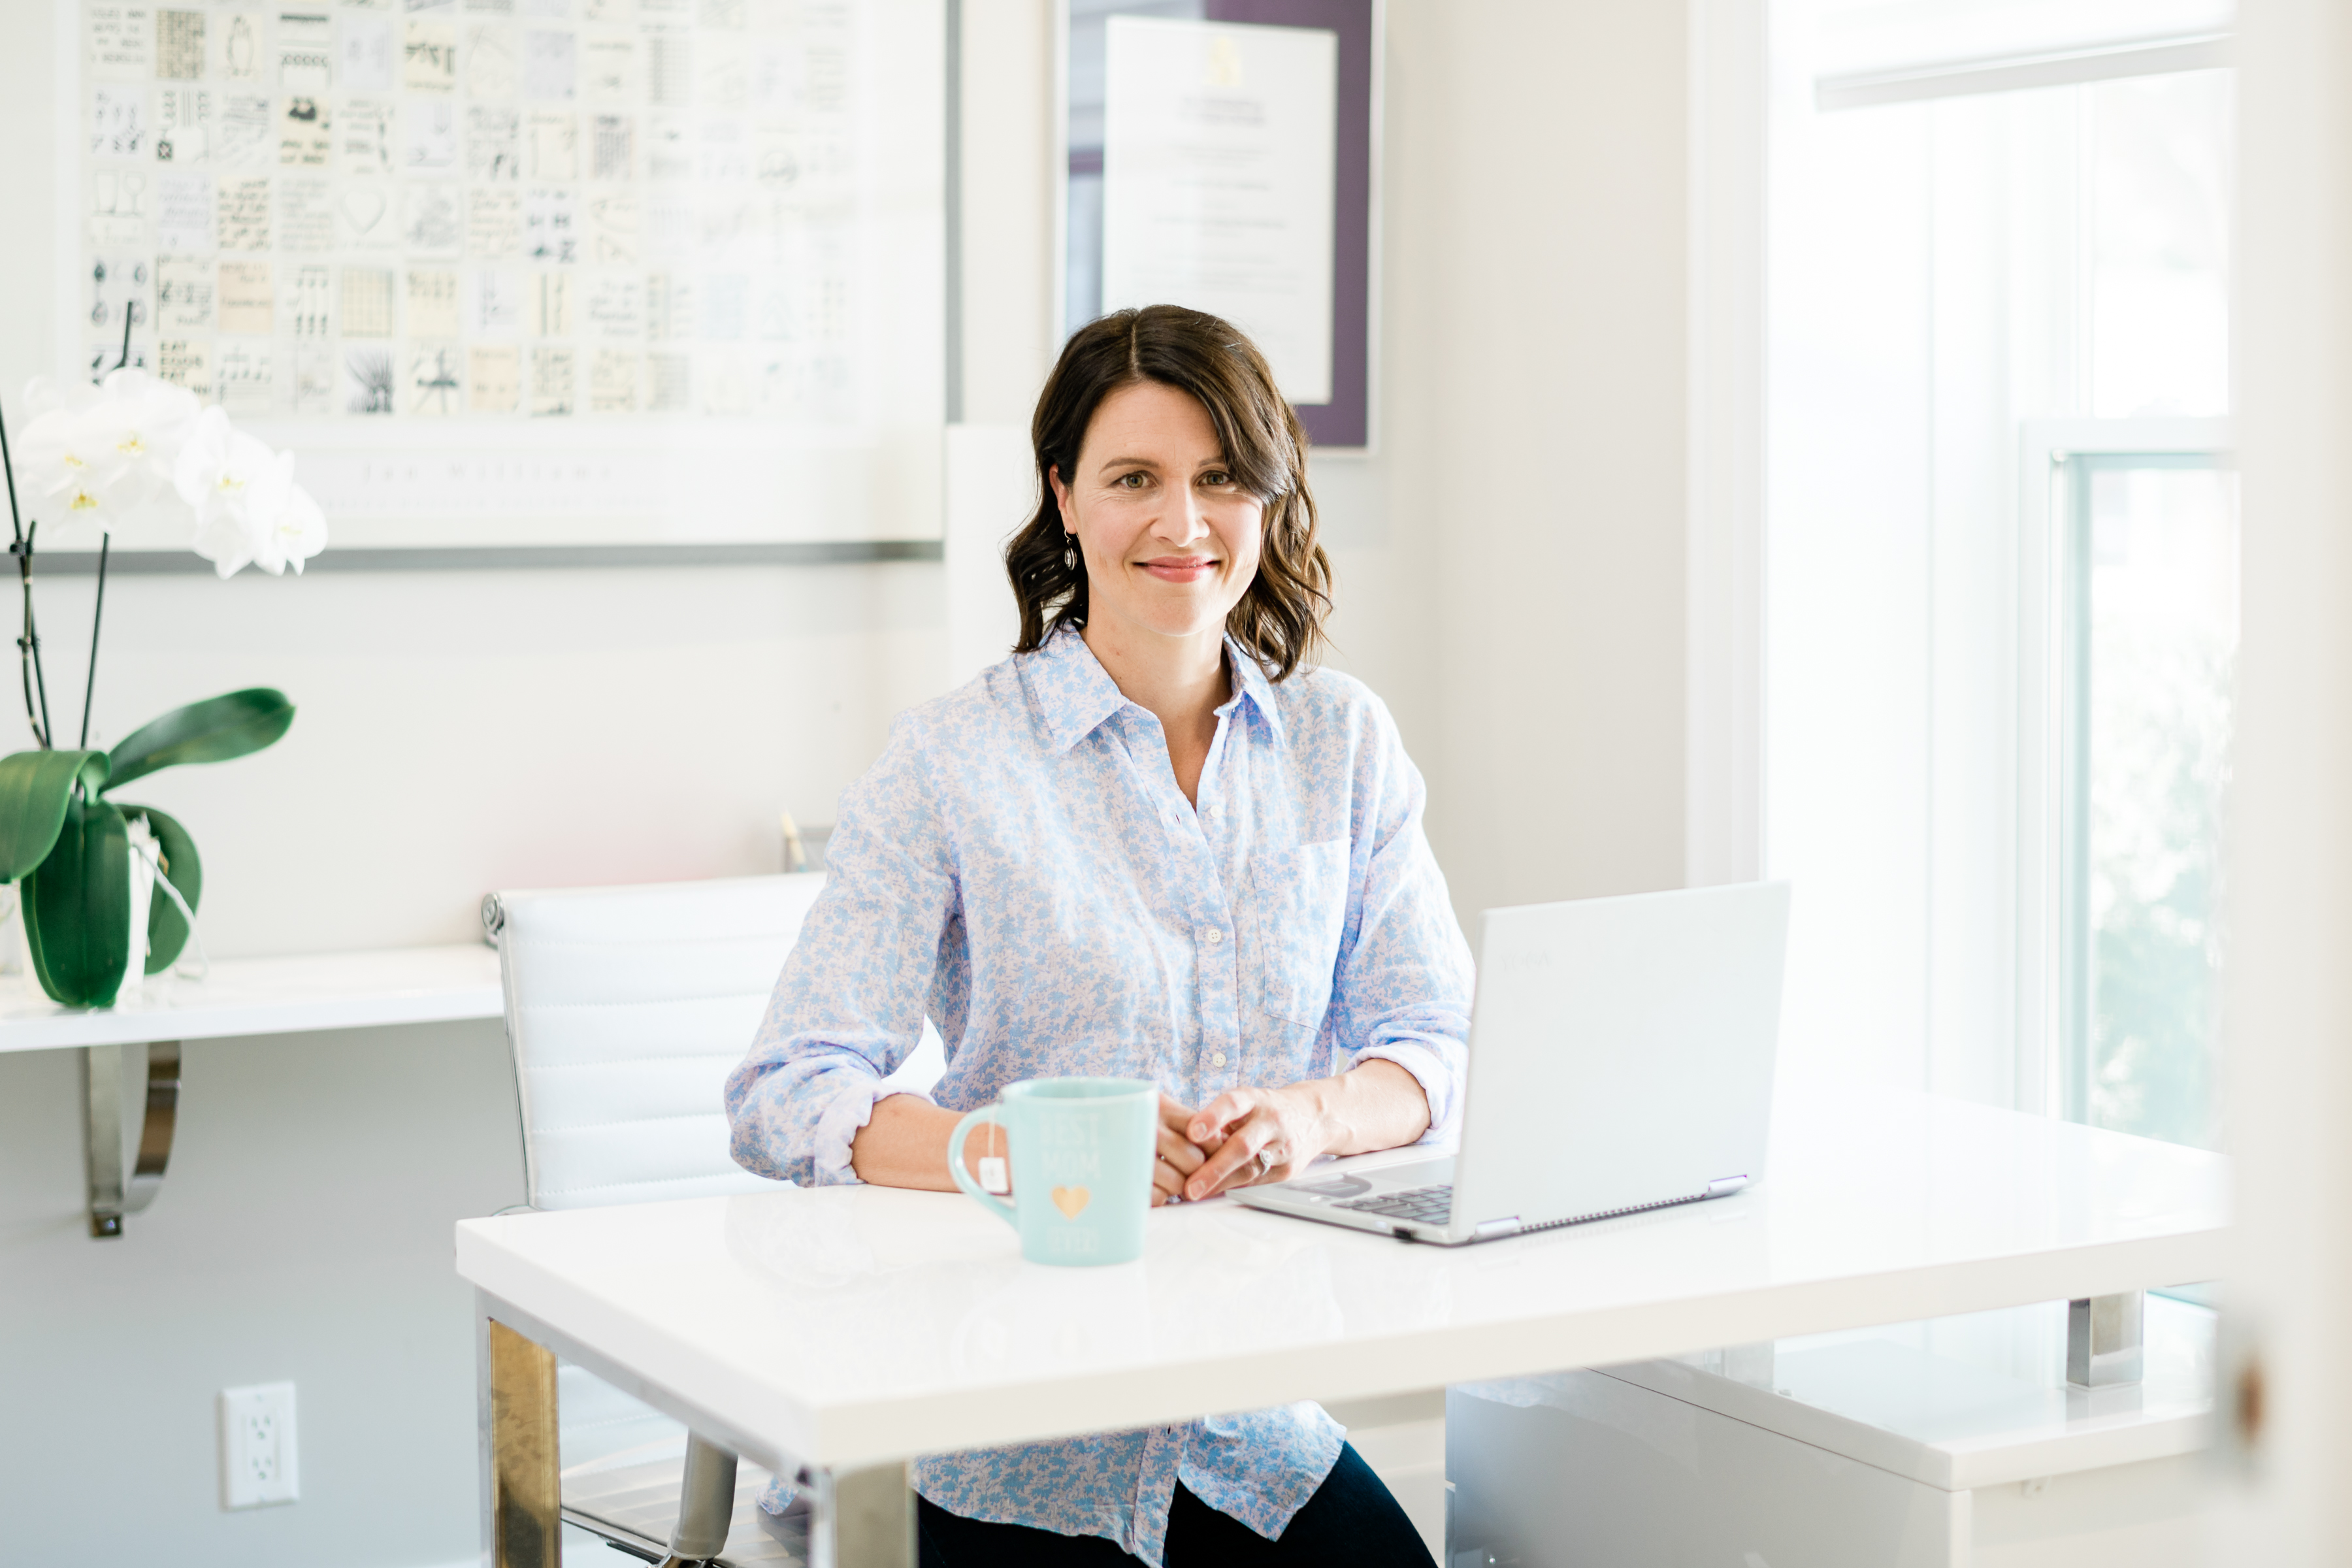 Katie at computer